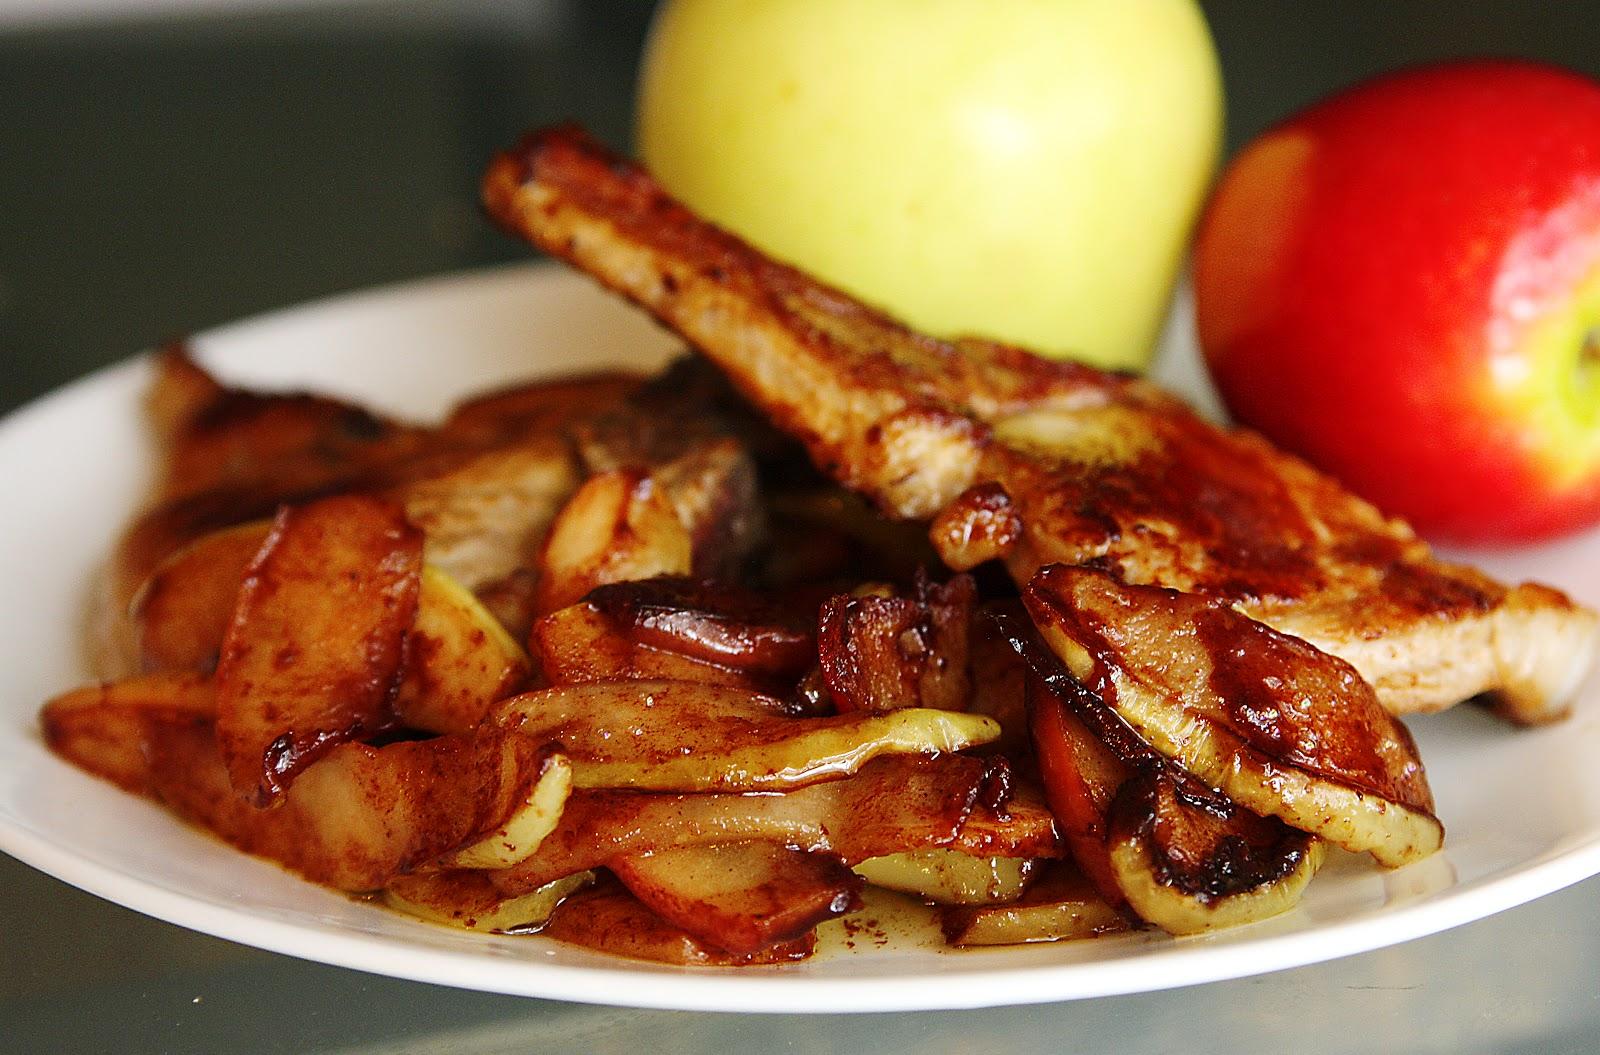 Skillet Pork with Sweet Spiced Apples #SundaySupper -